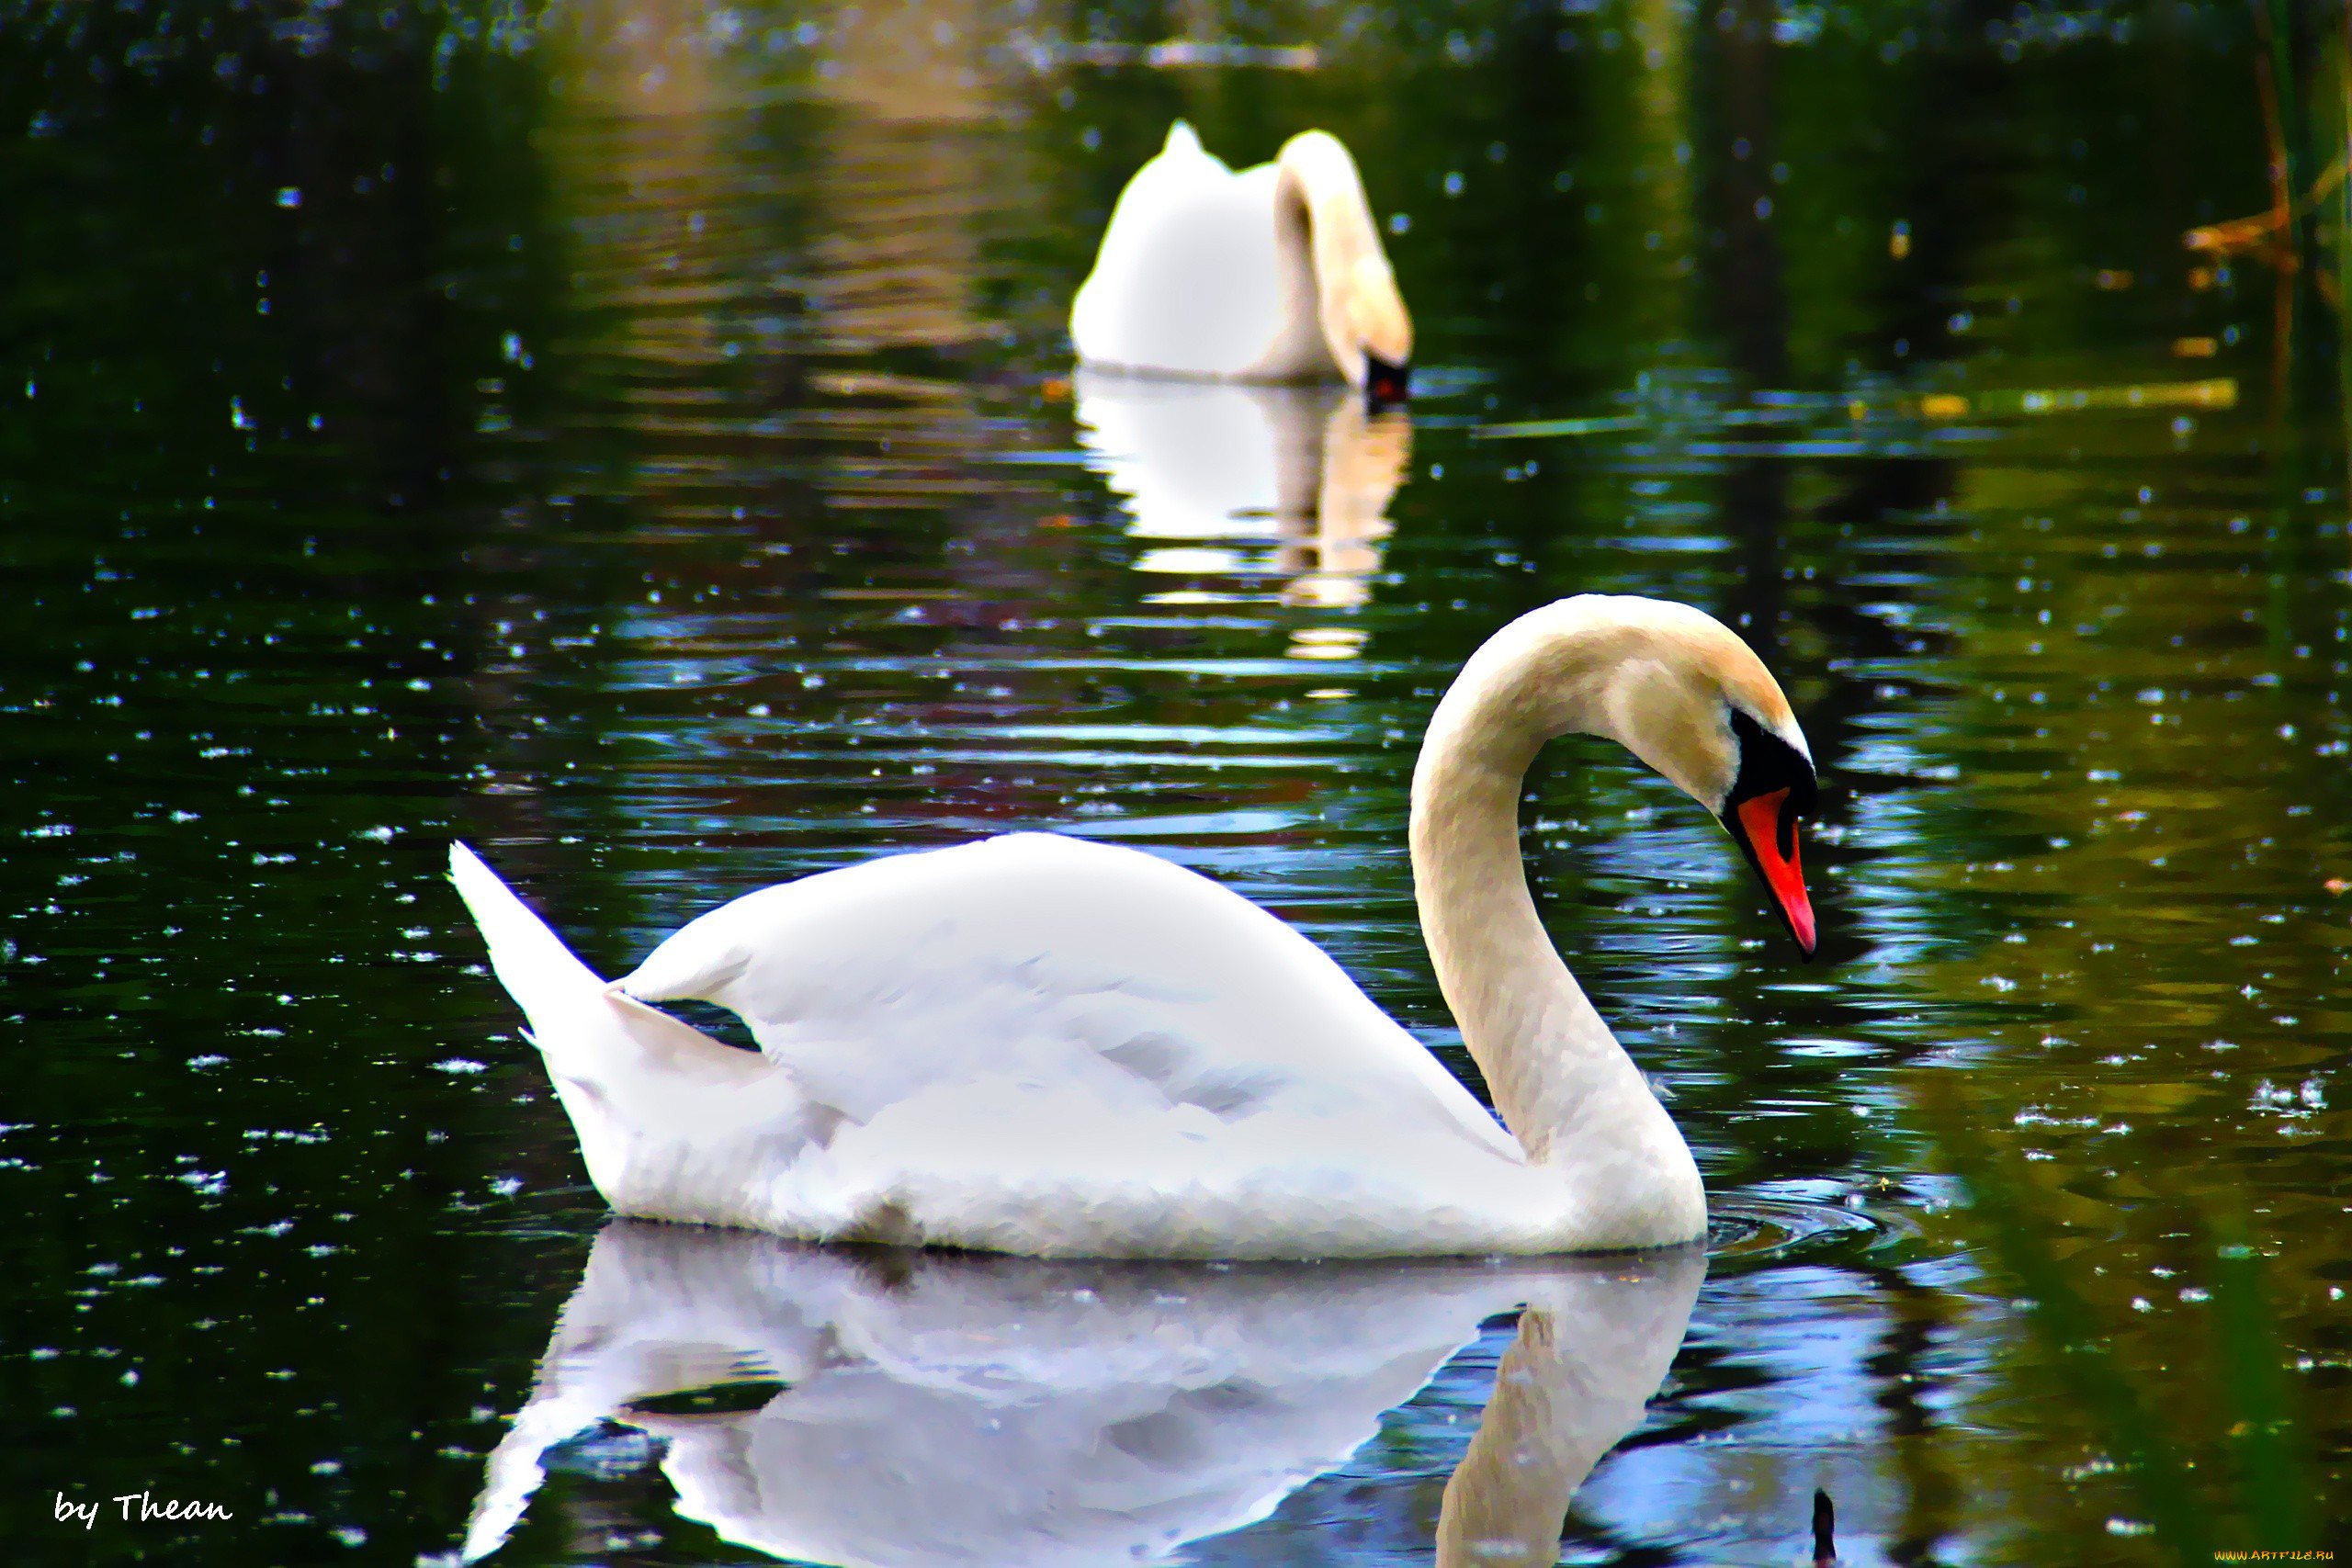 картинки необычных лебедей этом разделе можете